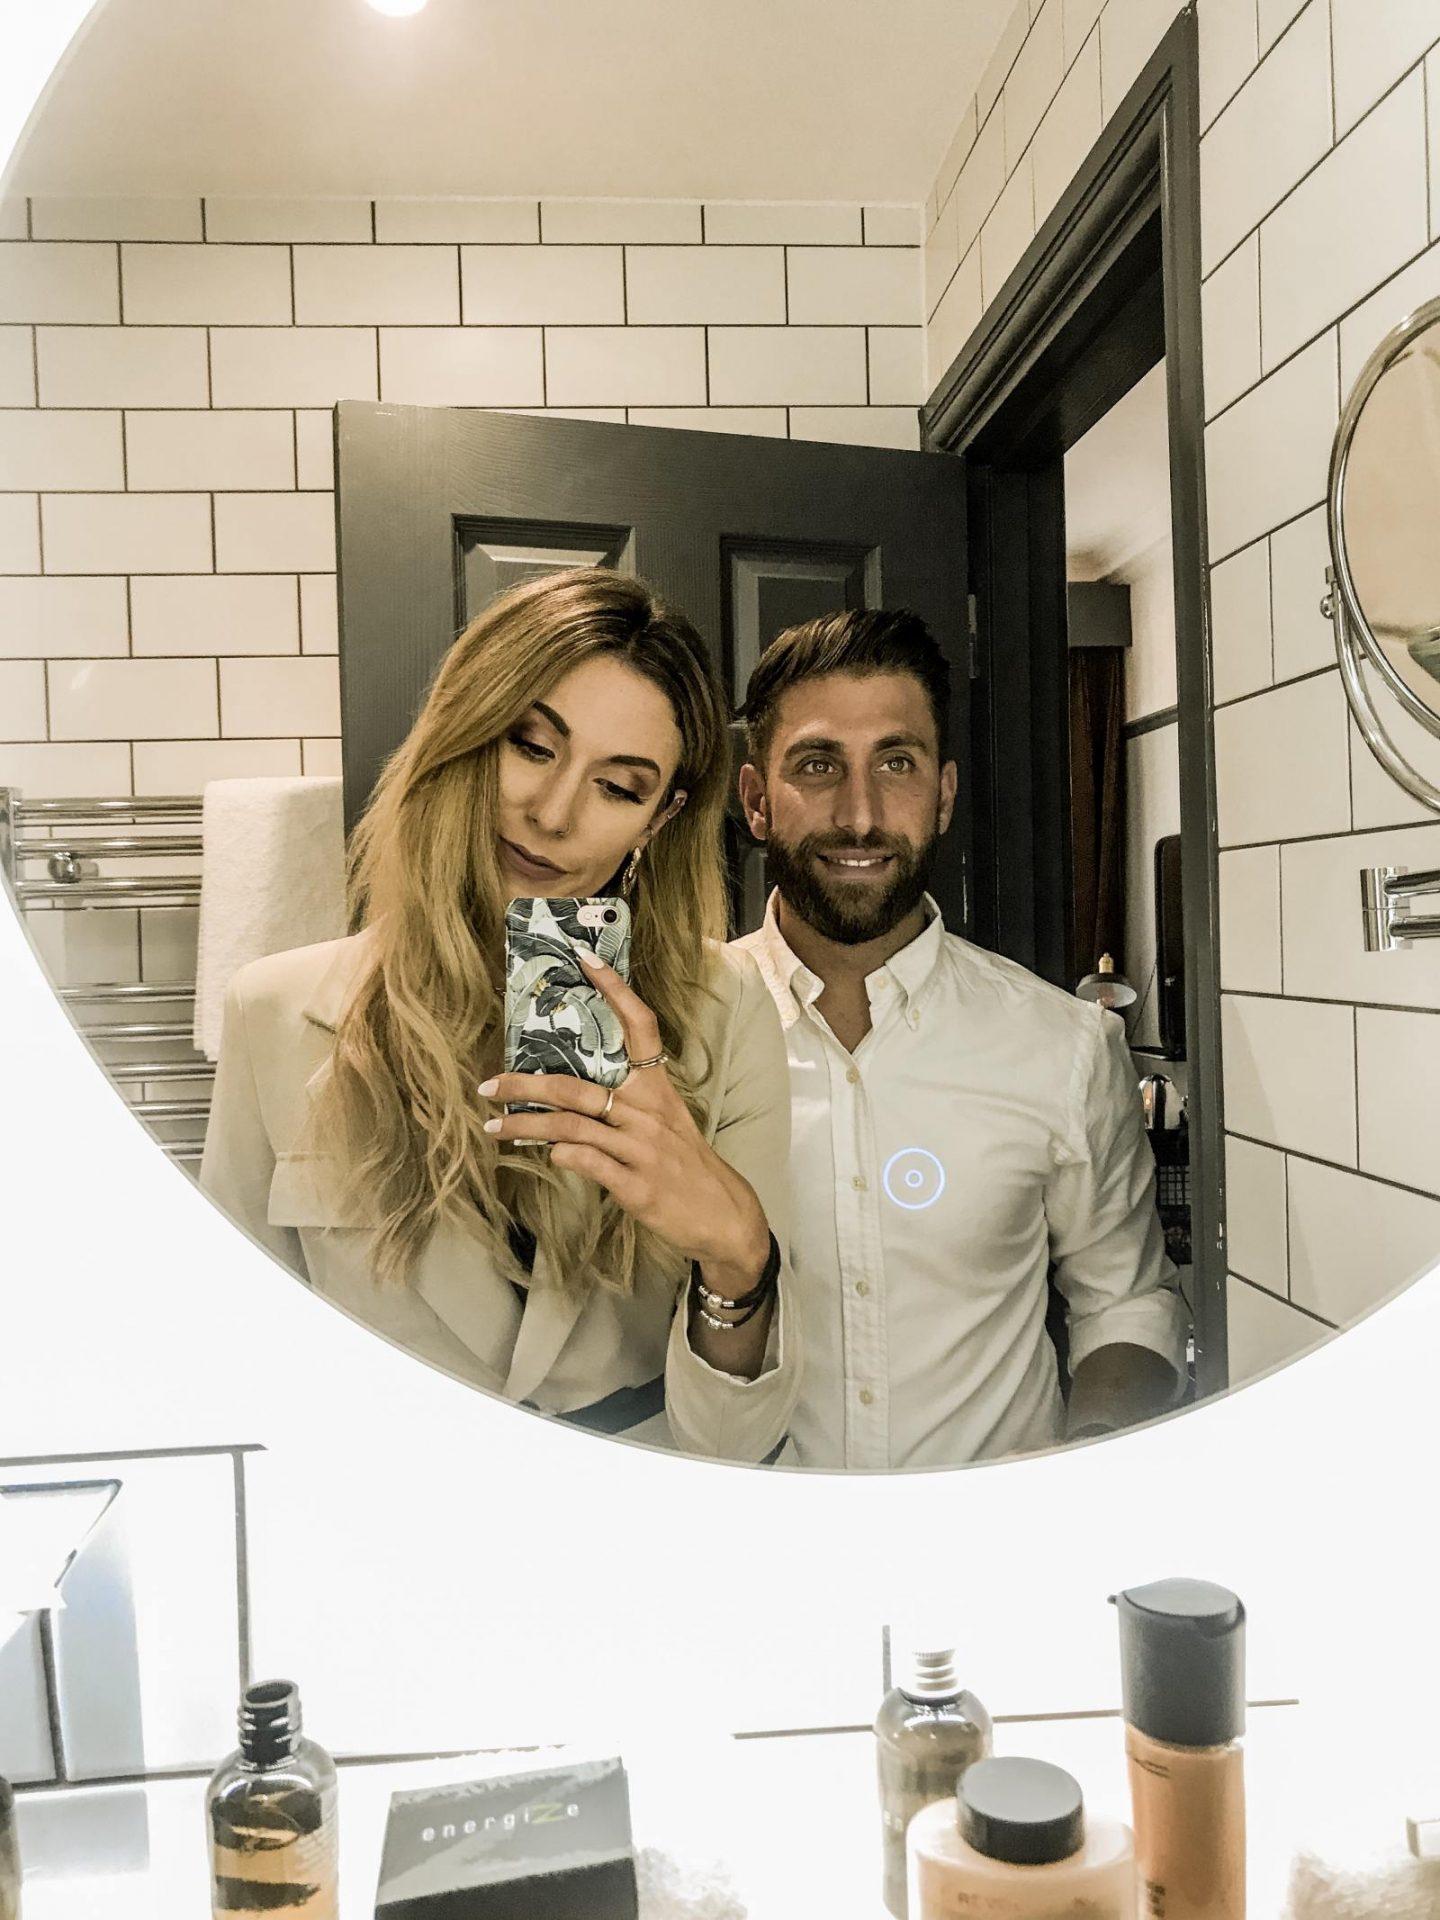 Bath hotel mirror selfie